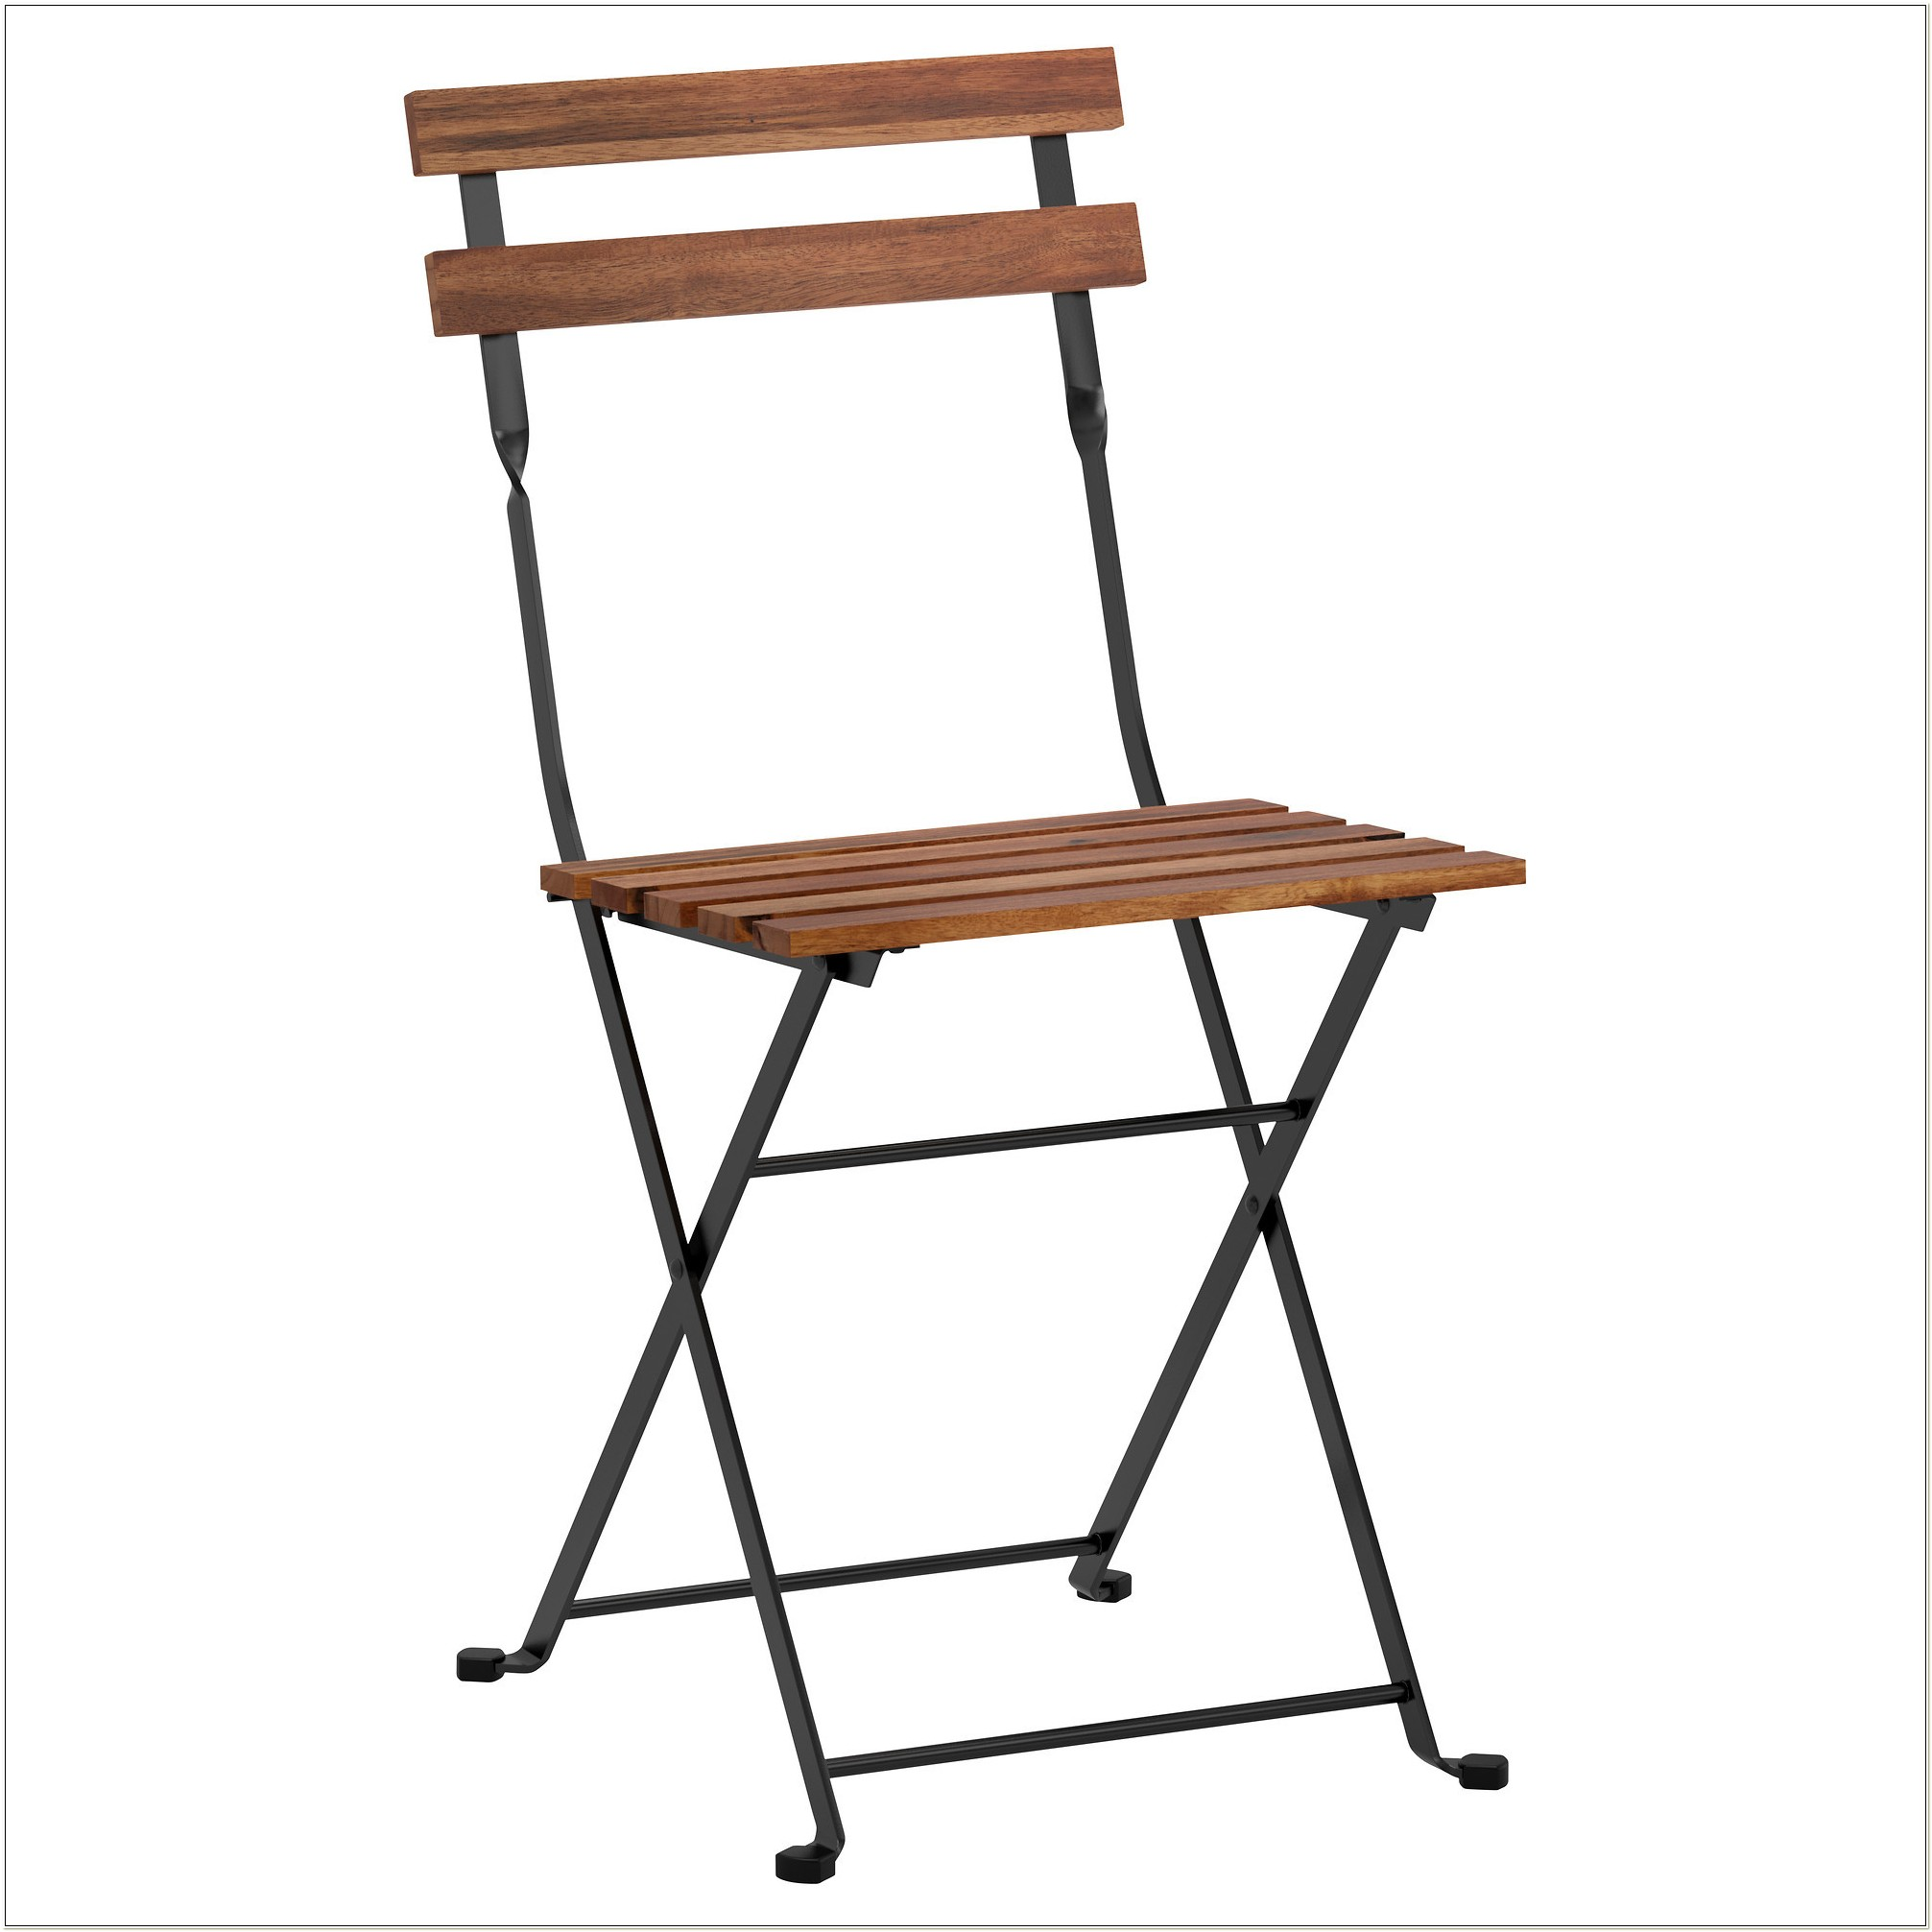 Folding Garden Chairs Ikea